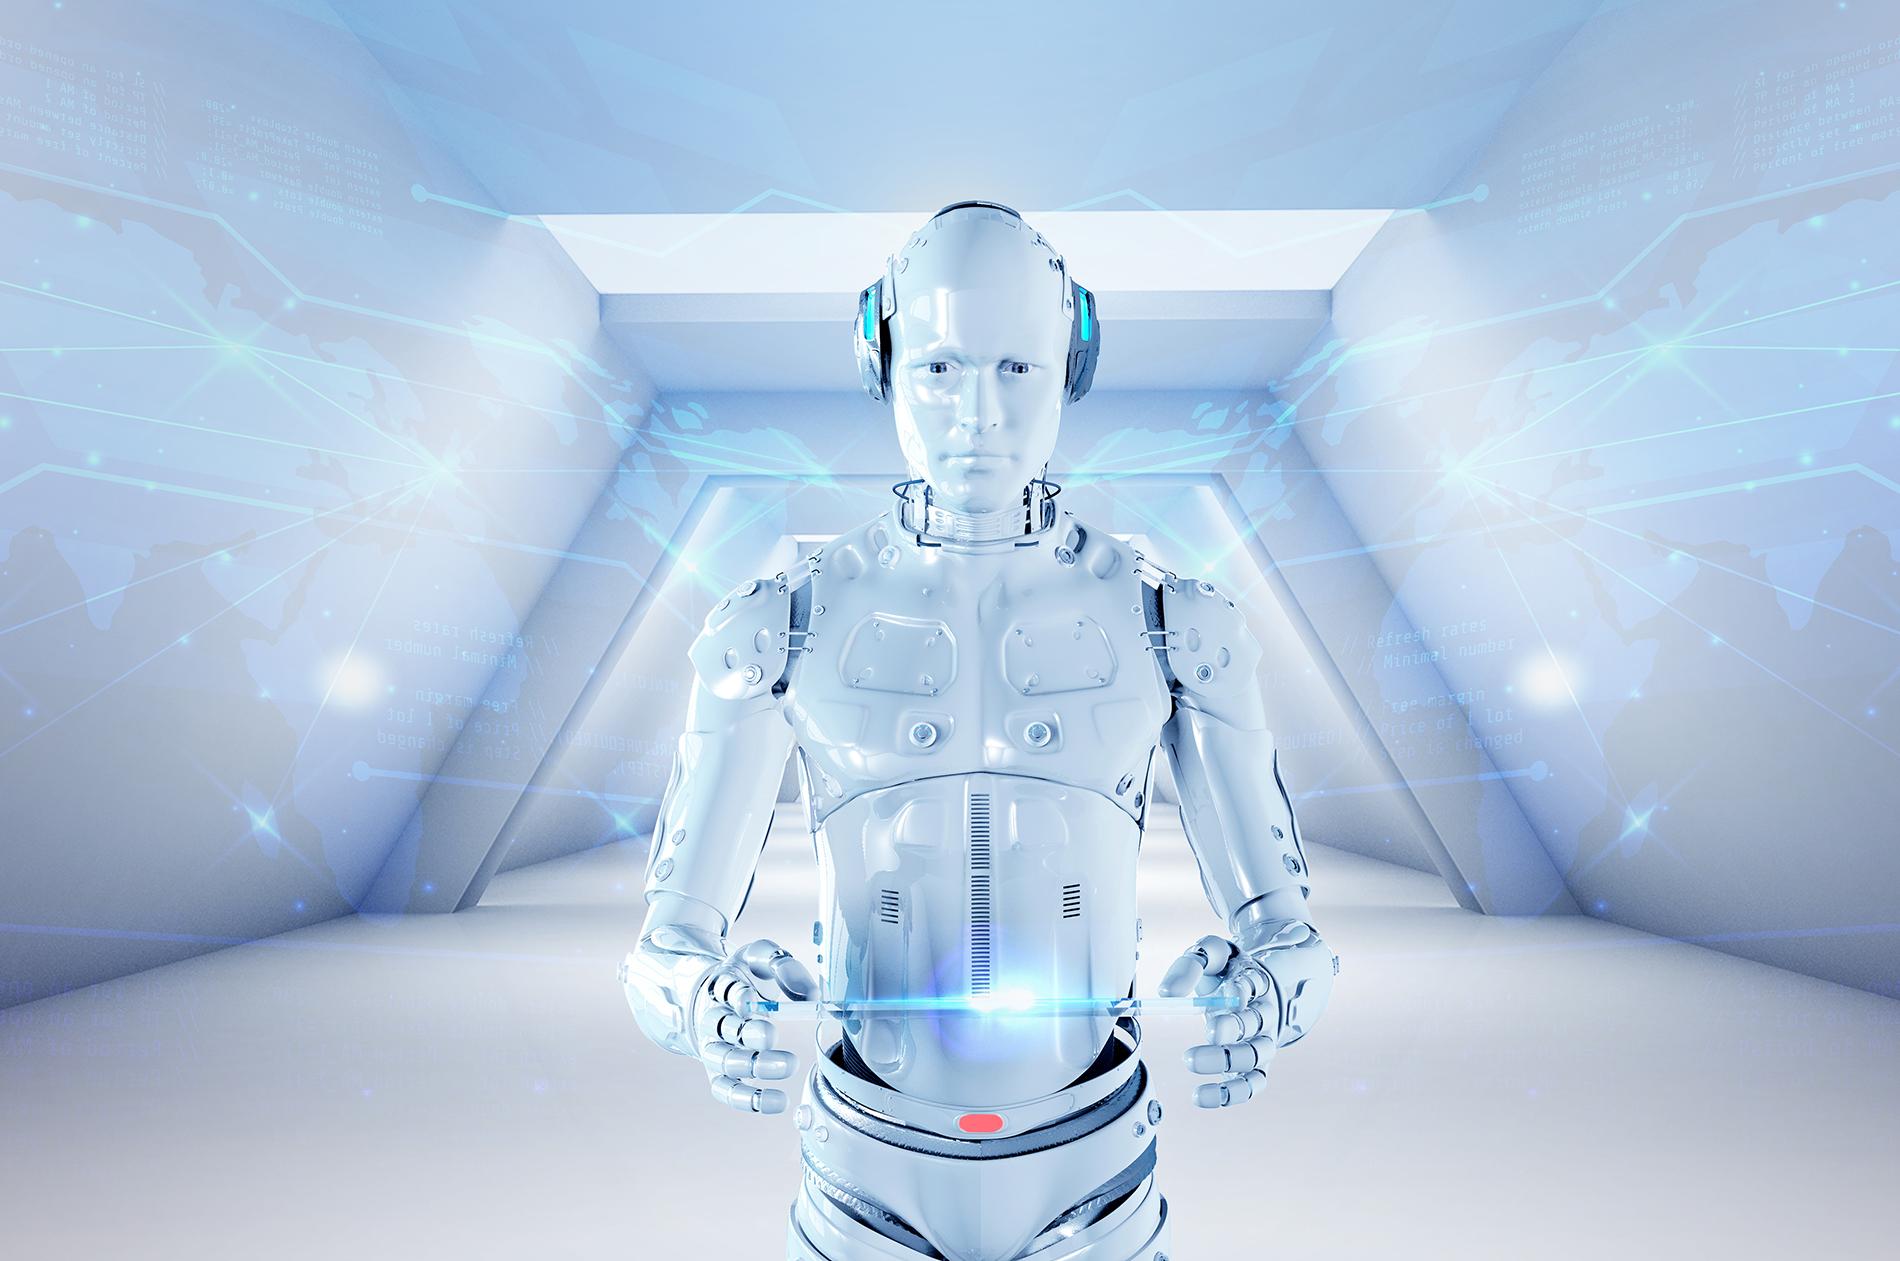 毫米级多功能水母机器人问世